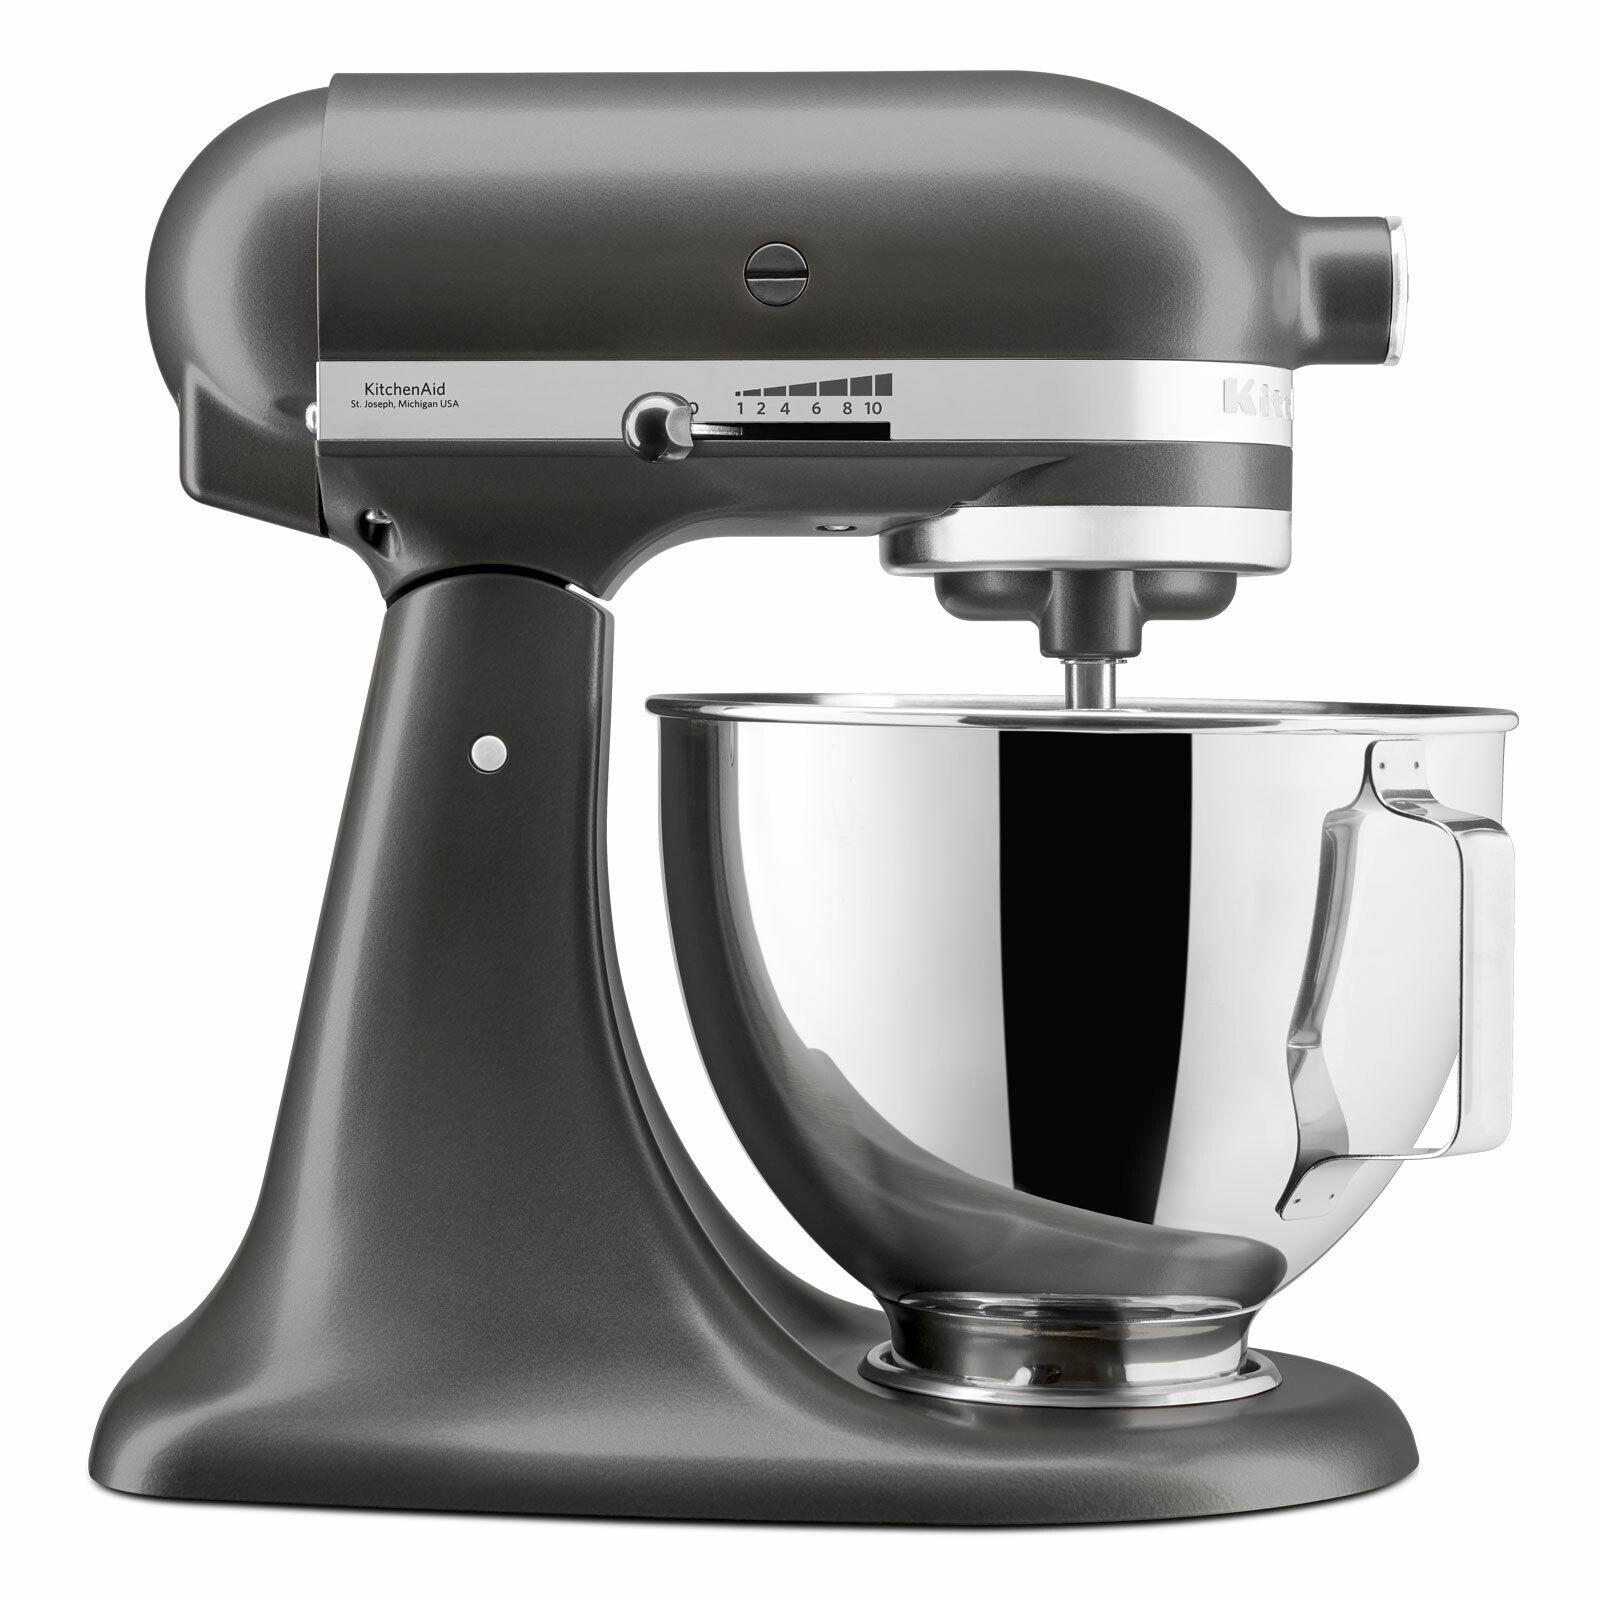 Kitchenaid Ersatzteile Schüsselaufnahme Bowl Screw W10191926 für Küchenmaschine